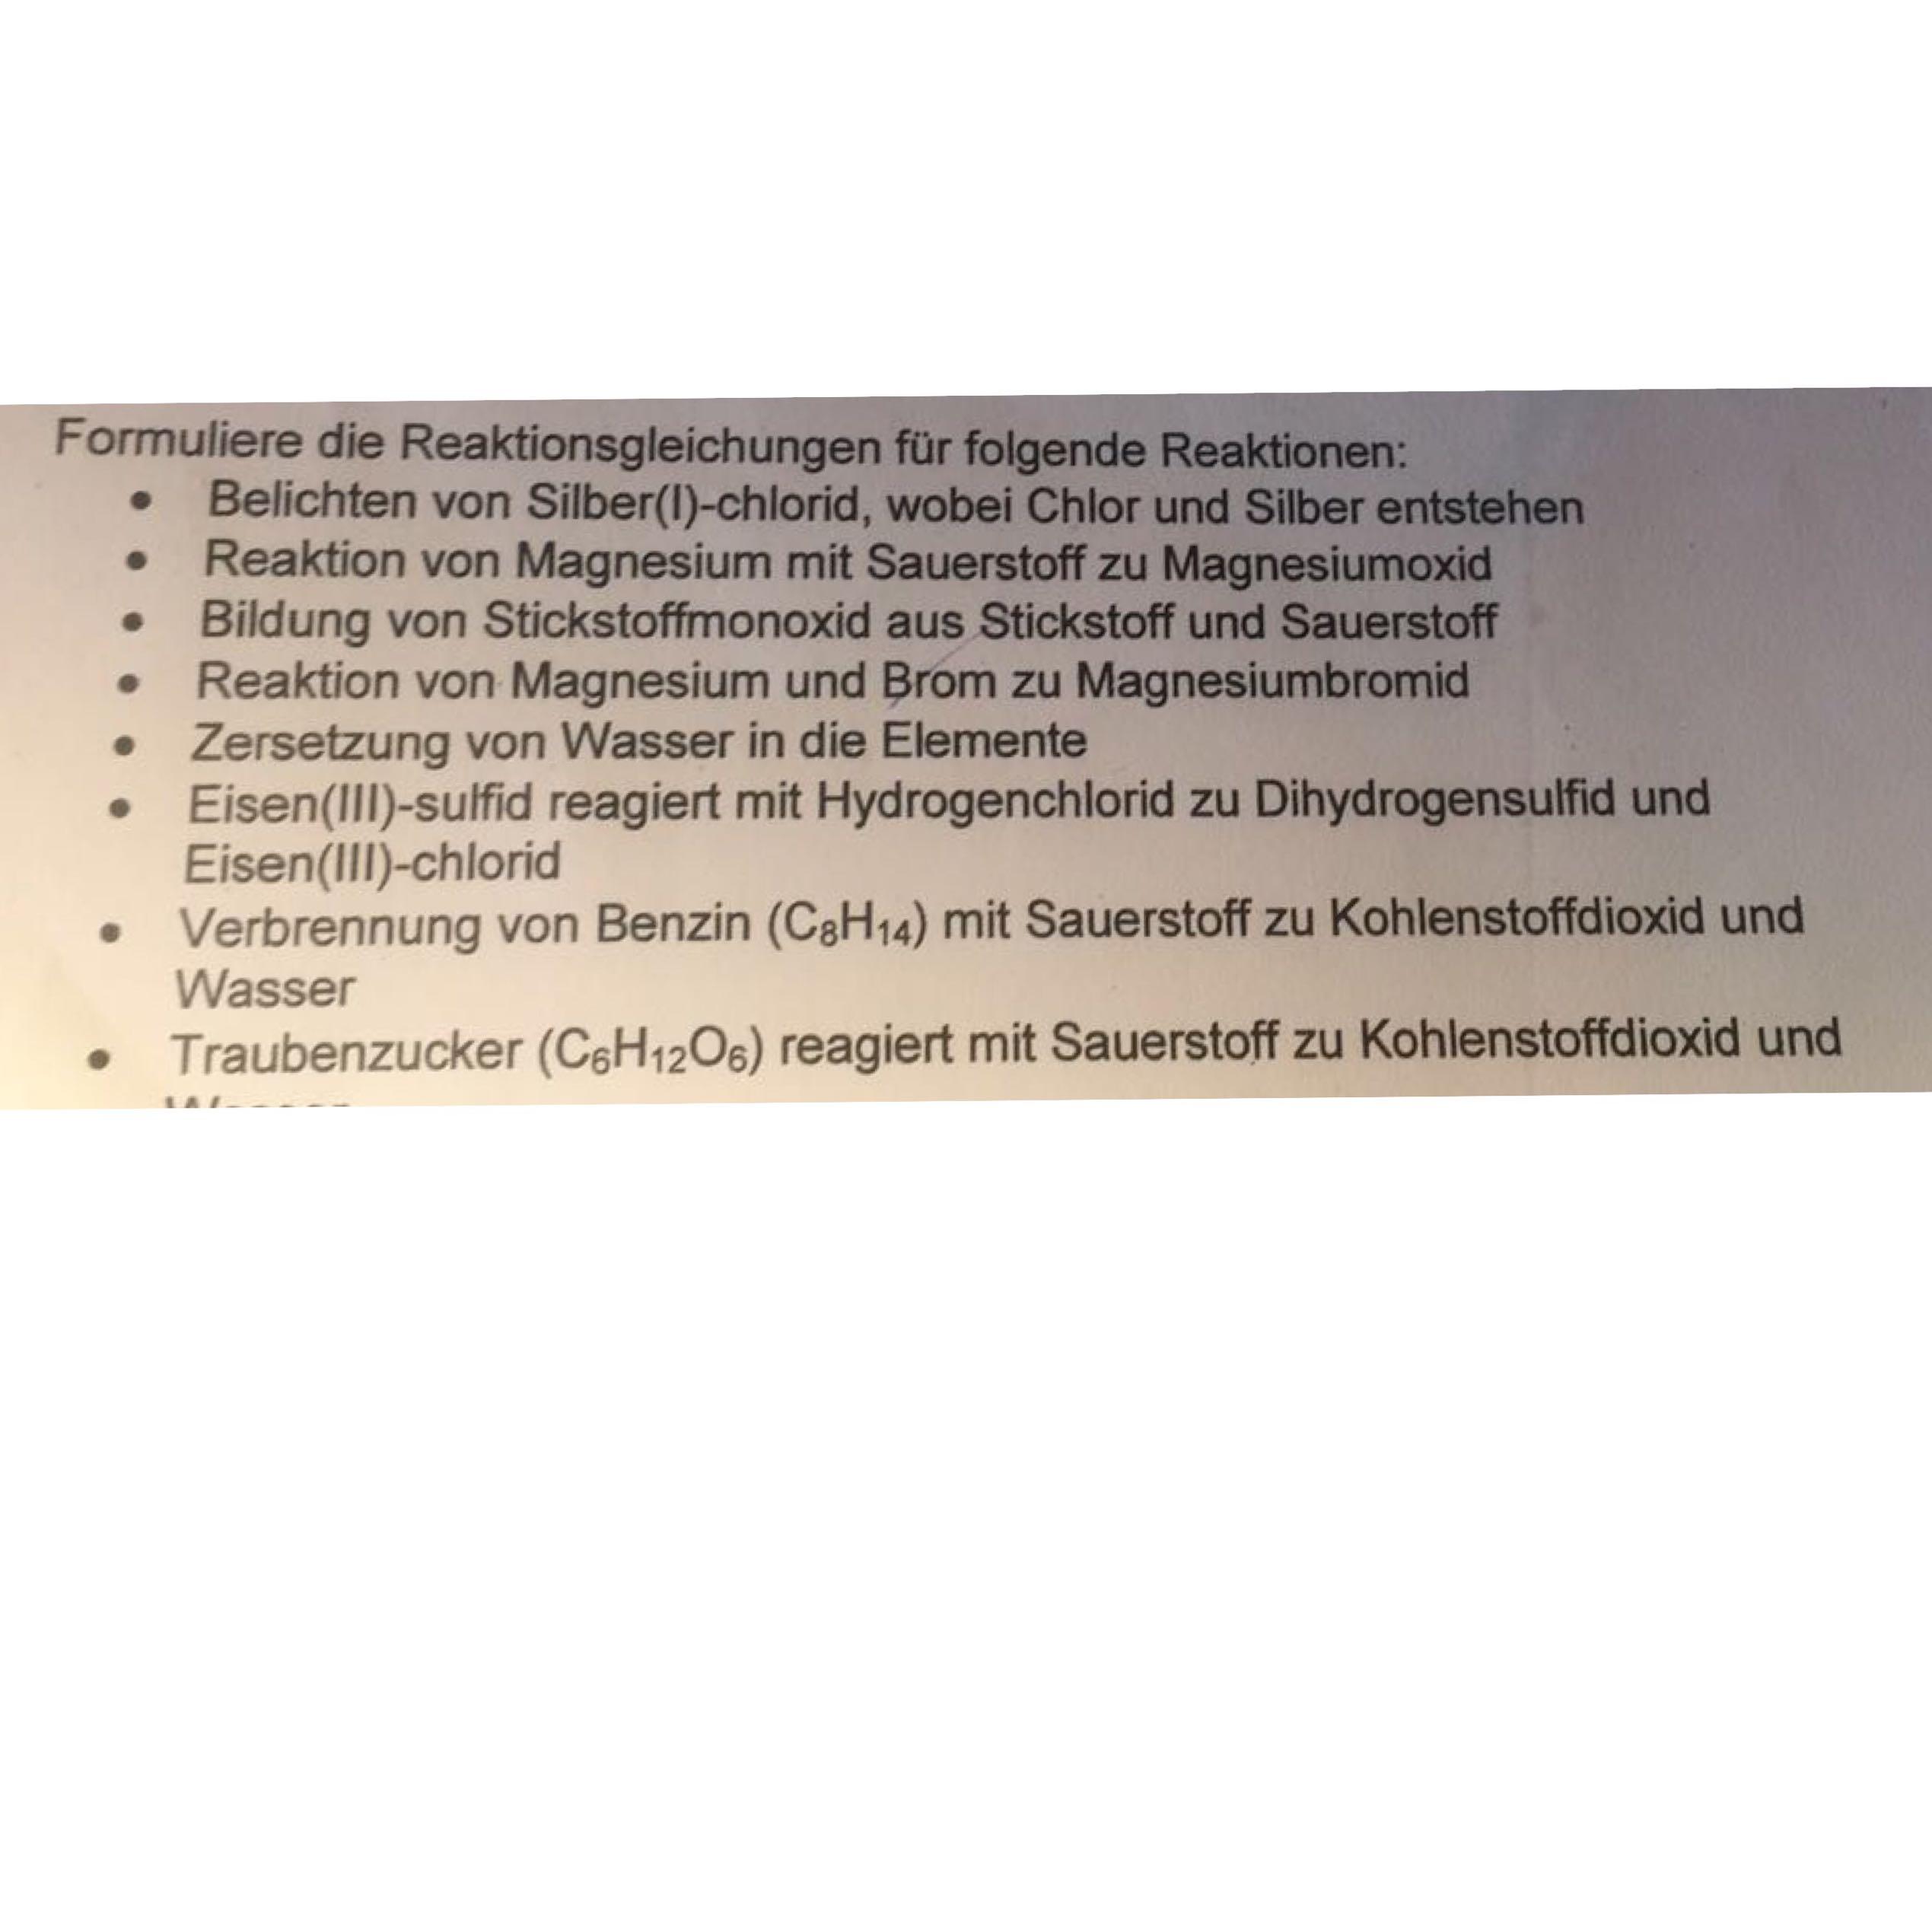 Fantastisch Arbeitsblatt Schreiben Und Auswuchten Chemischen ...